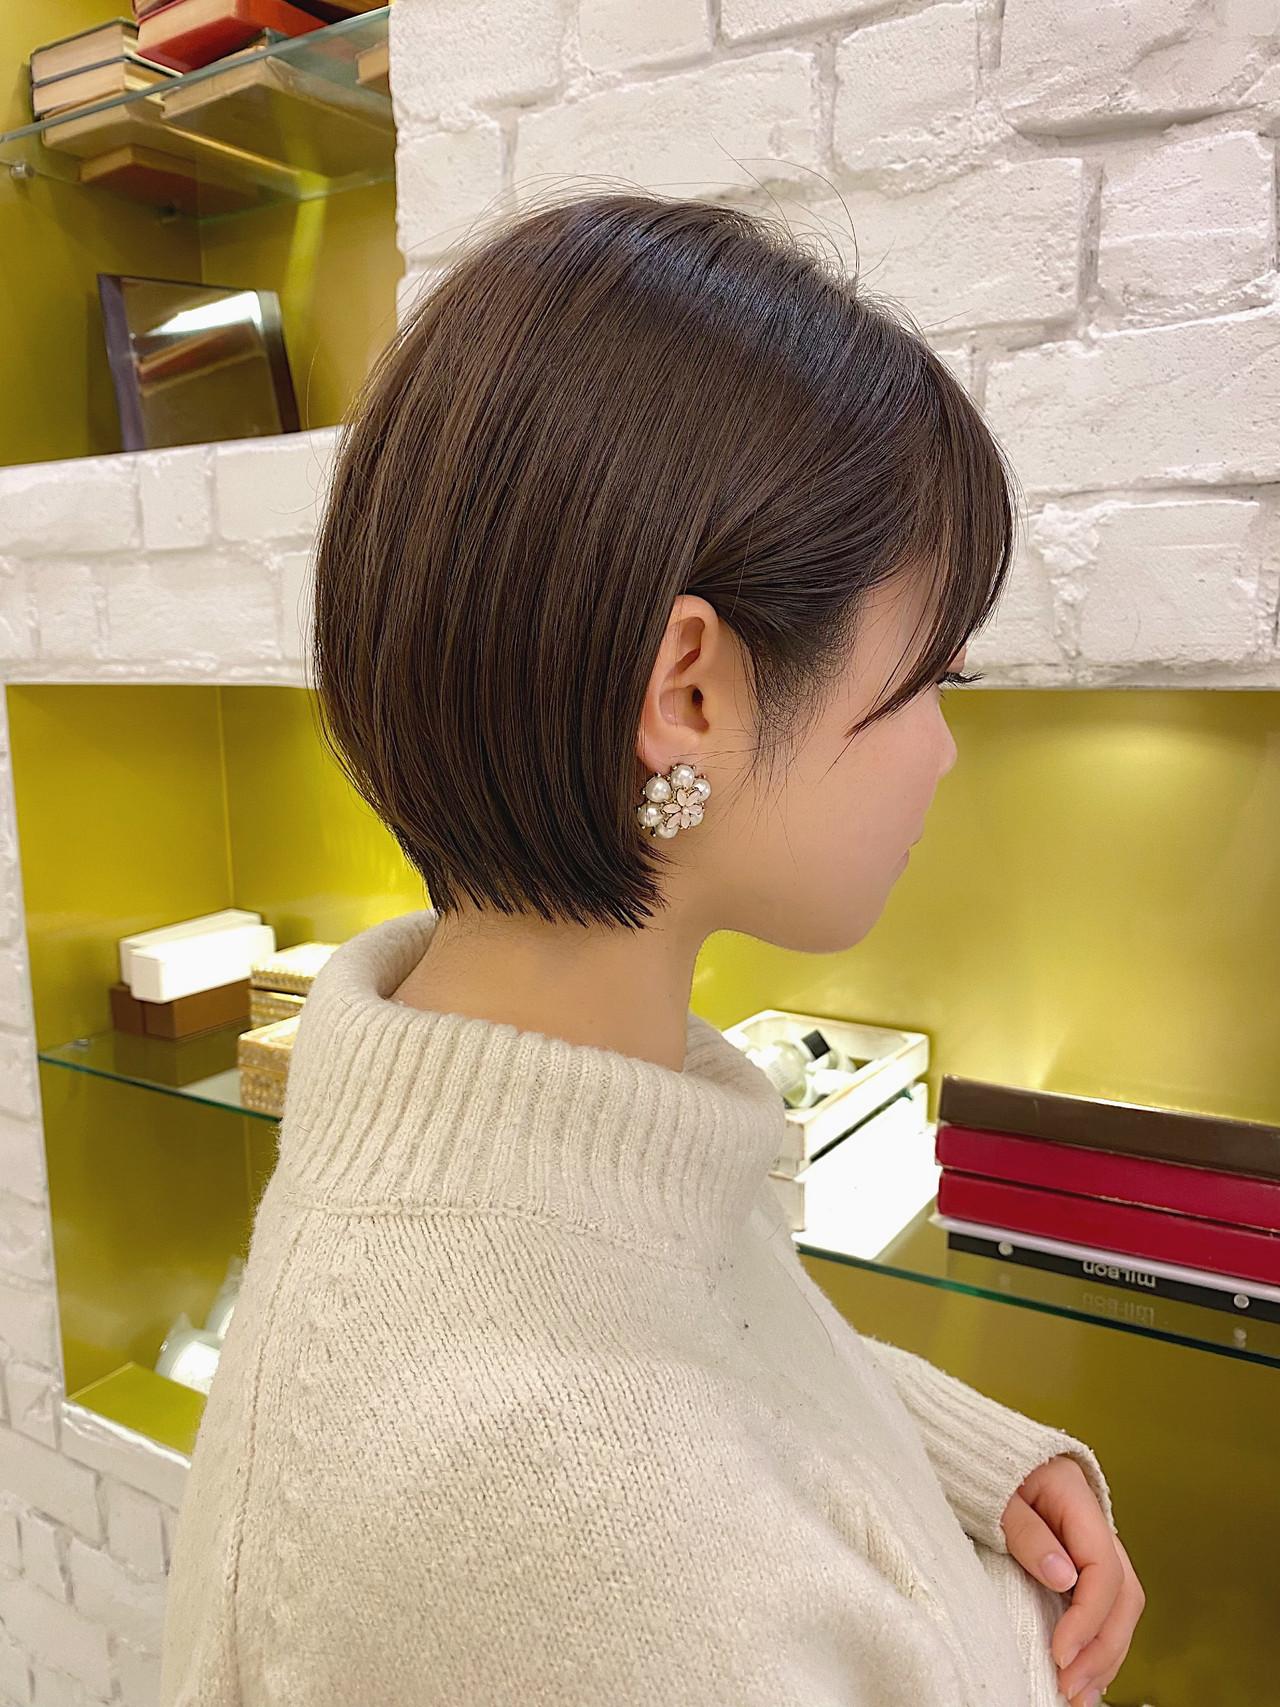 ミニボブ ベリーショート ショートヘア ショートボブ ヘアスタイルや髪型の写真・画像 | 石川有里彩 / リュドール栄